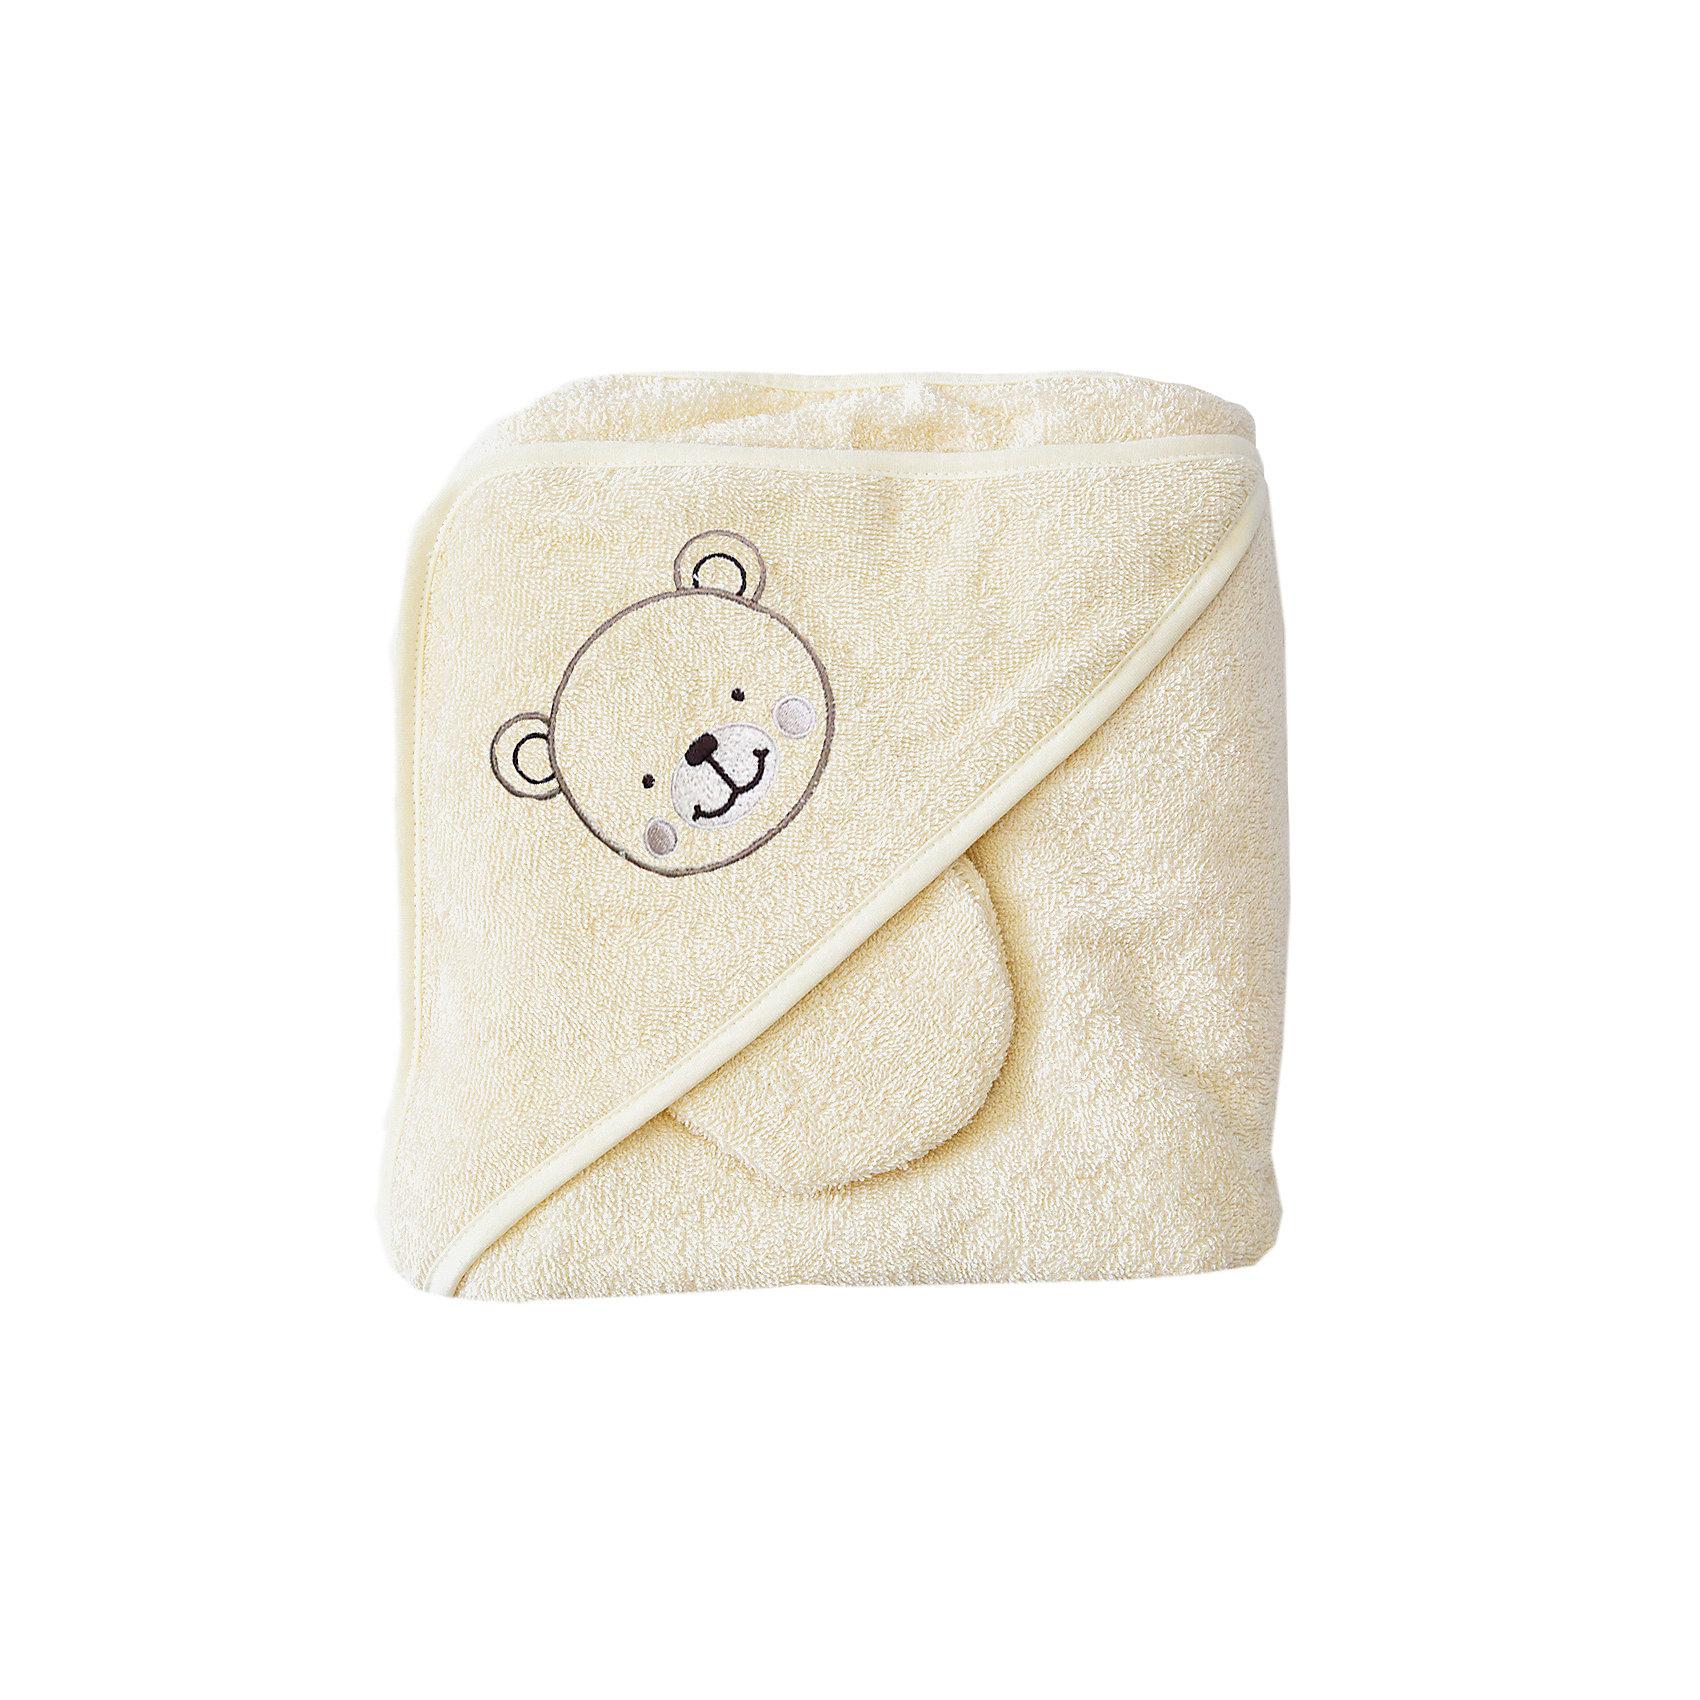 Махровое полотенце с уголком, 75х75 см., Baby Nice, шампаньПолотенца, мочалки, халаты<br>Комплект махровый для купания детский изготовлен из 100% натурального хлопка — уютный и очень комфортный по тактильным ощущениям. Специальная обработка плотной махровой ткани придает ей особые впитывающие влагу свойства, а также необыкновенную мягкость и пушистость. В комплект входит большой уголок 120Х120 см, который служит малышу одновременно полотенцем и капюшоном, а так же варежка для мытья ребенка и две салфетки. Комплекты махровые для купания окрашены гипоаллергенными красителями<br><br>Ширина мм: 250<br>Глубина мм: 250<br>Высота мм: 50<br>Вес г: 200<br>Возраст от месяцев: 0<br>Возраст до месяцев: 12<br>Пол: Унисекс<br>Возраст: Детский<br>SKU: 6885016